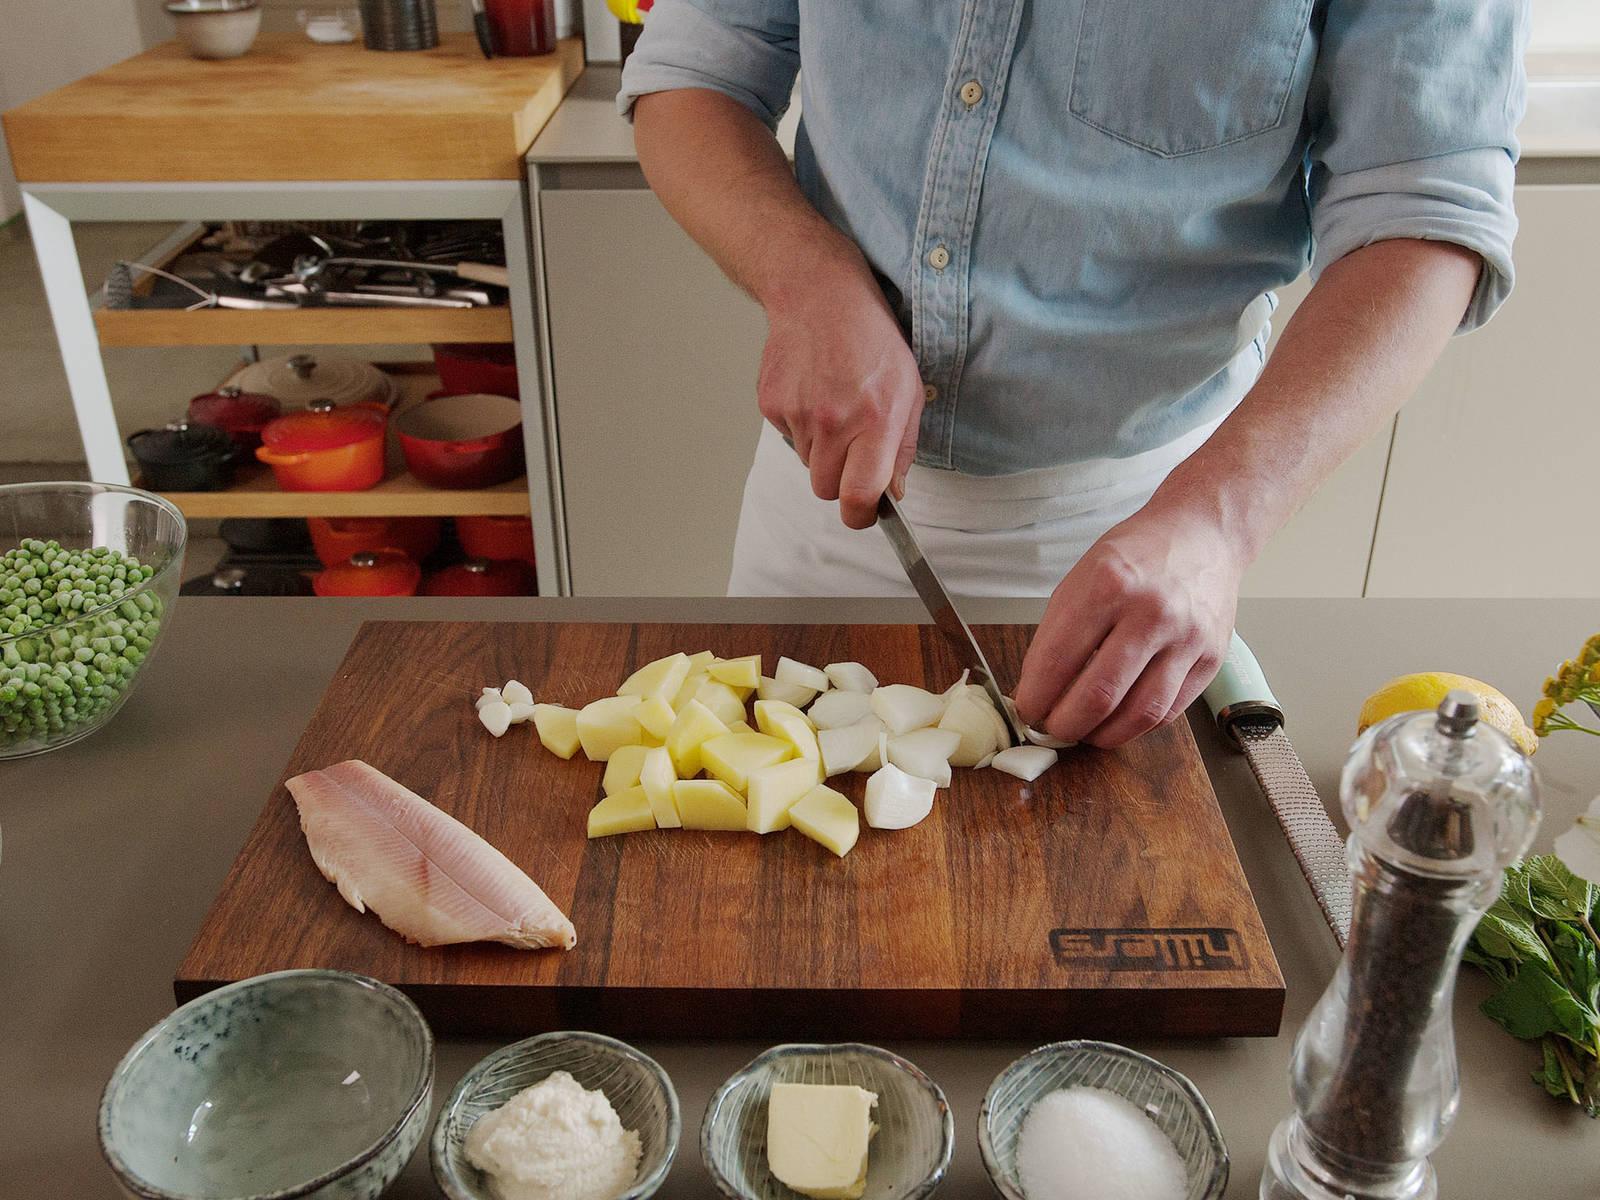 土豆、洋葱和蒜去皮后大略剁碎。将烟熏鳟鱼切成易入口的大小。